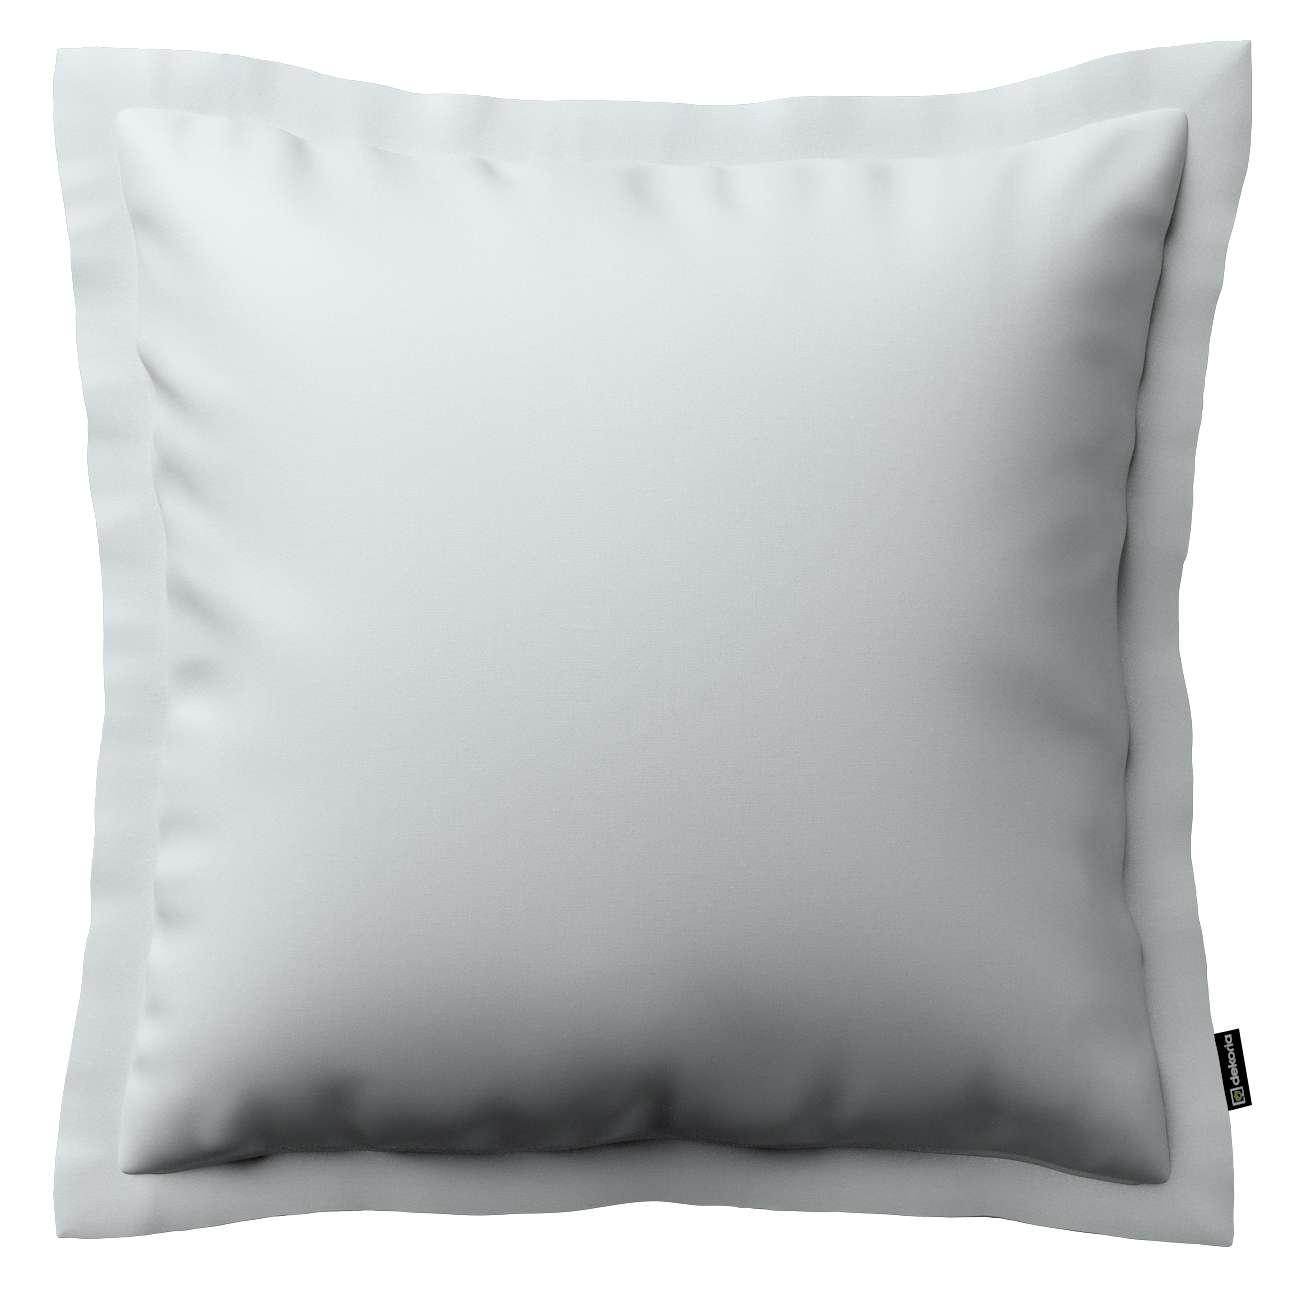 Poszewka Mona na poduszkę w kolekcji Damasco, tkanina: 141-77